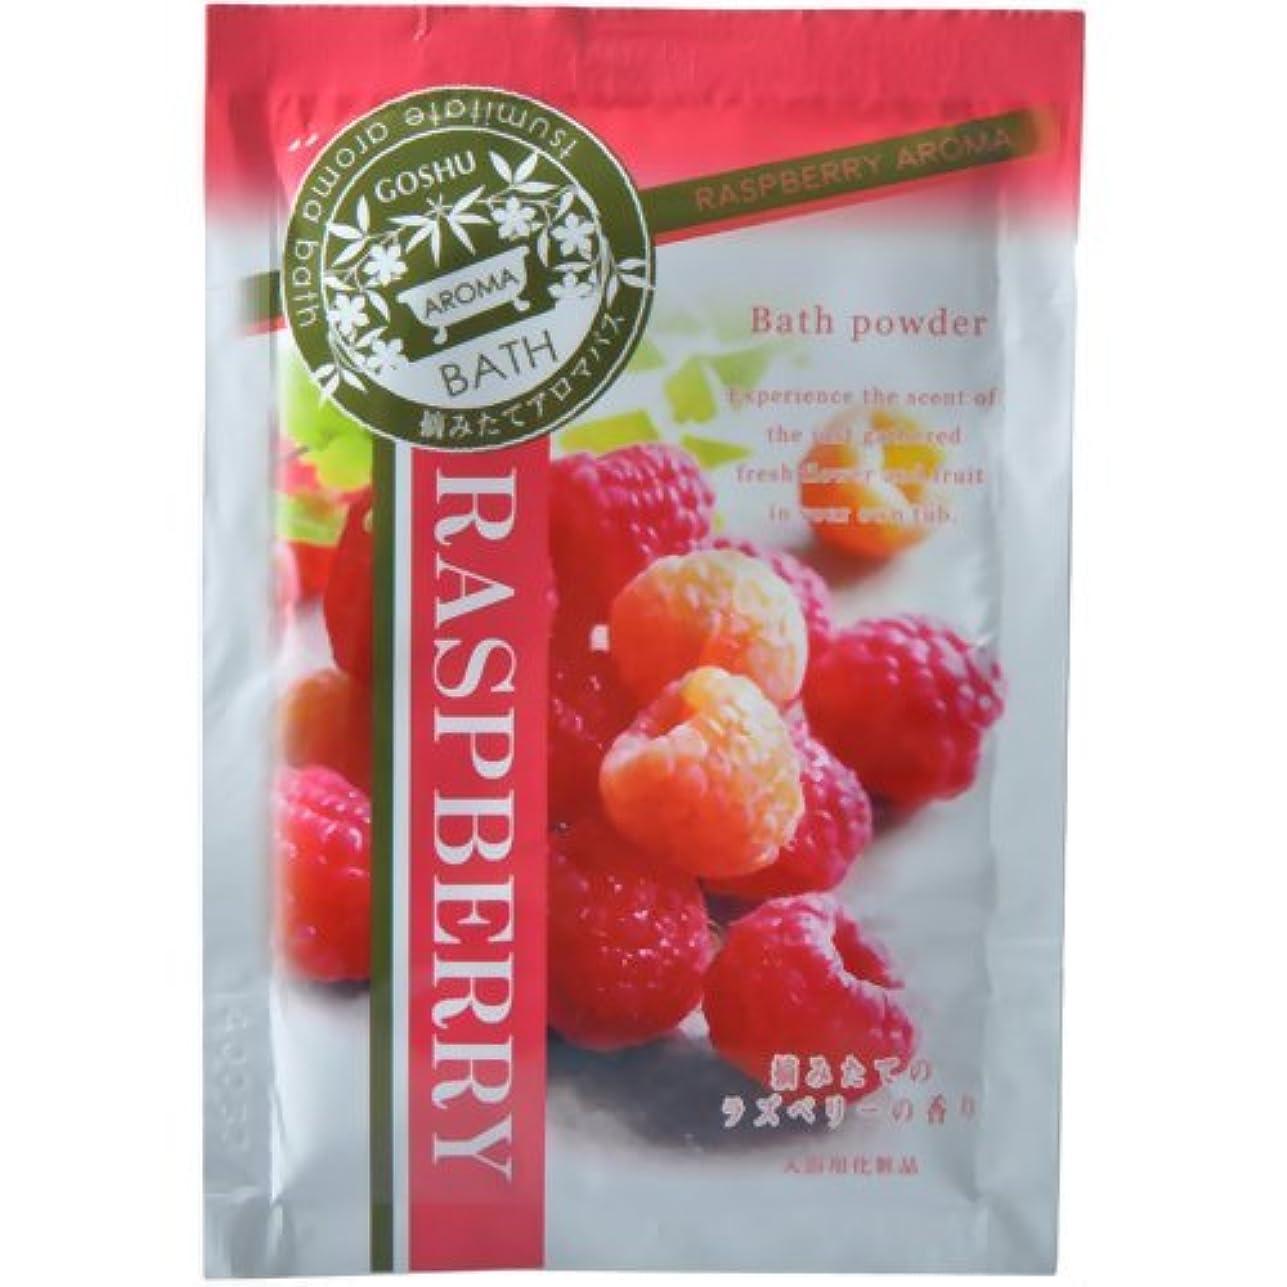 対応コスチューム硬化する摘みたてアロマバス 摘みたてラズベリーの香り 25g(入浴剤)